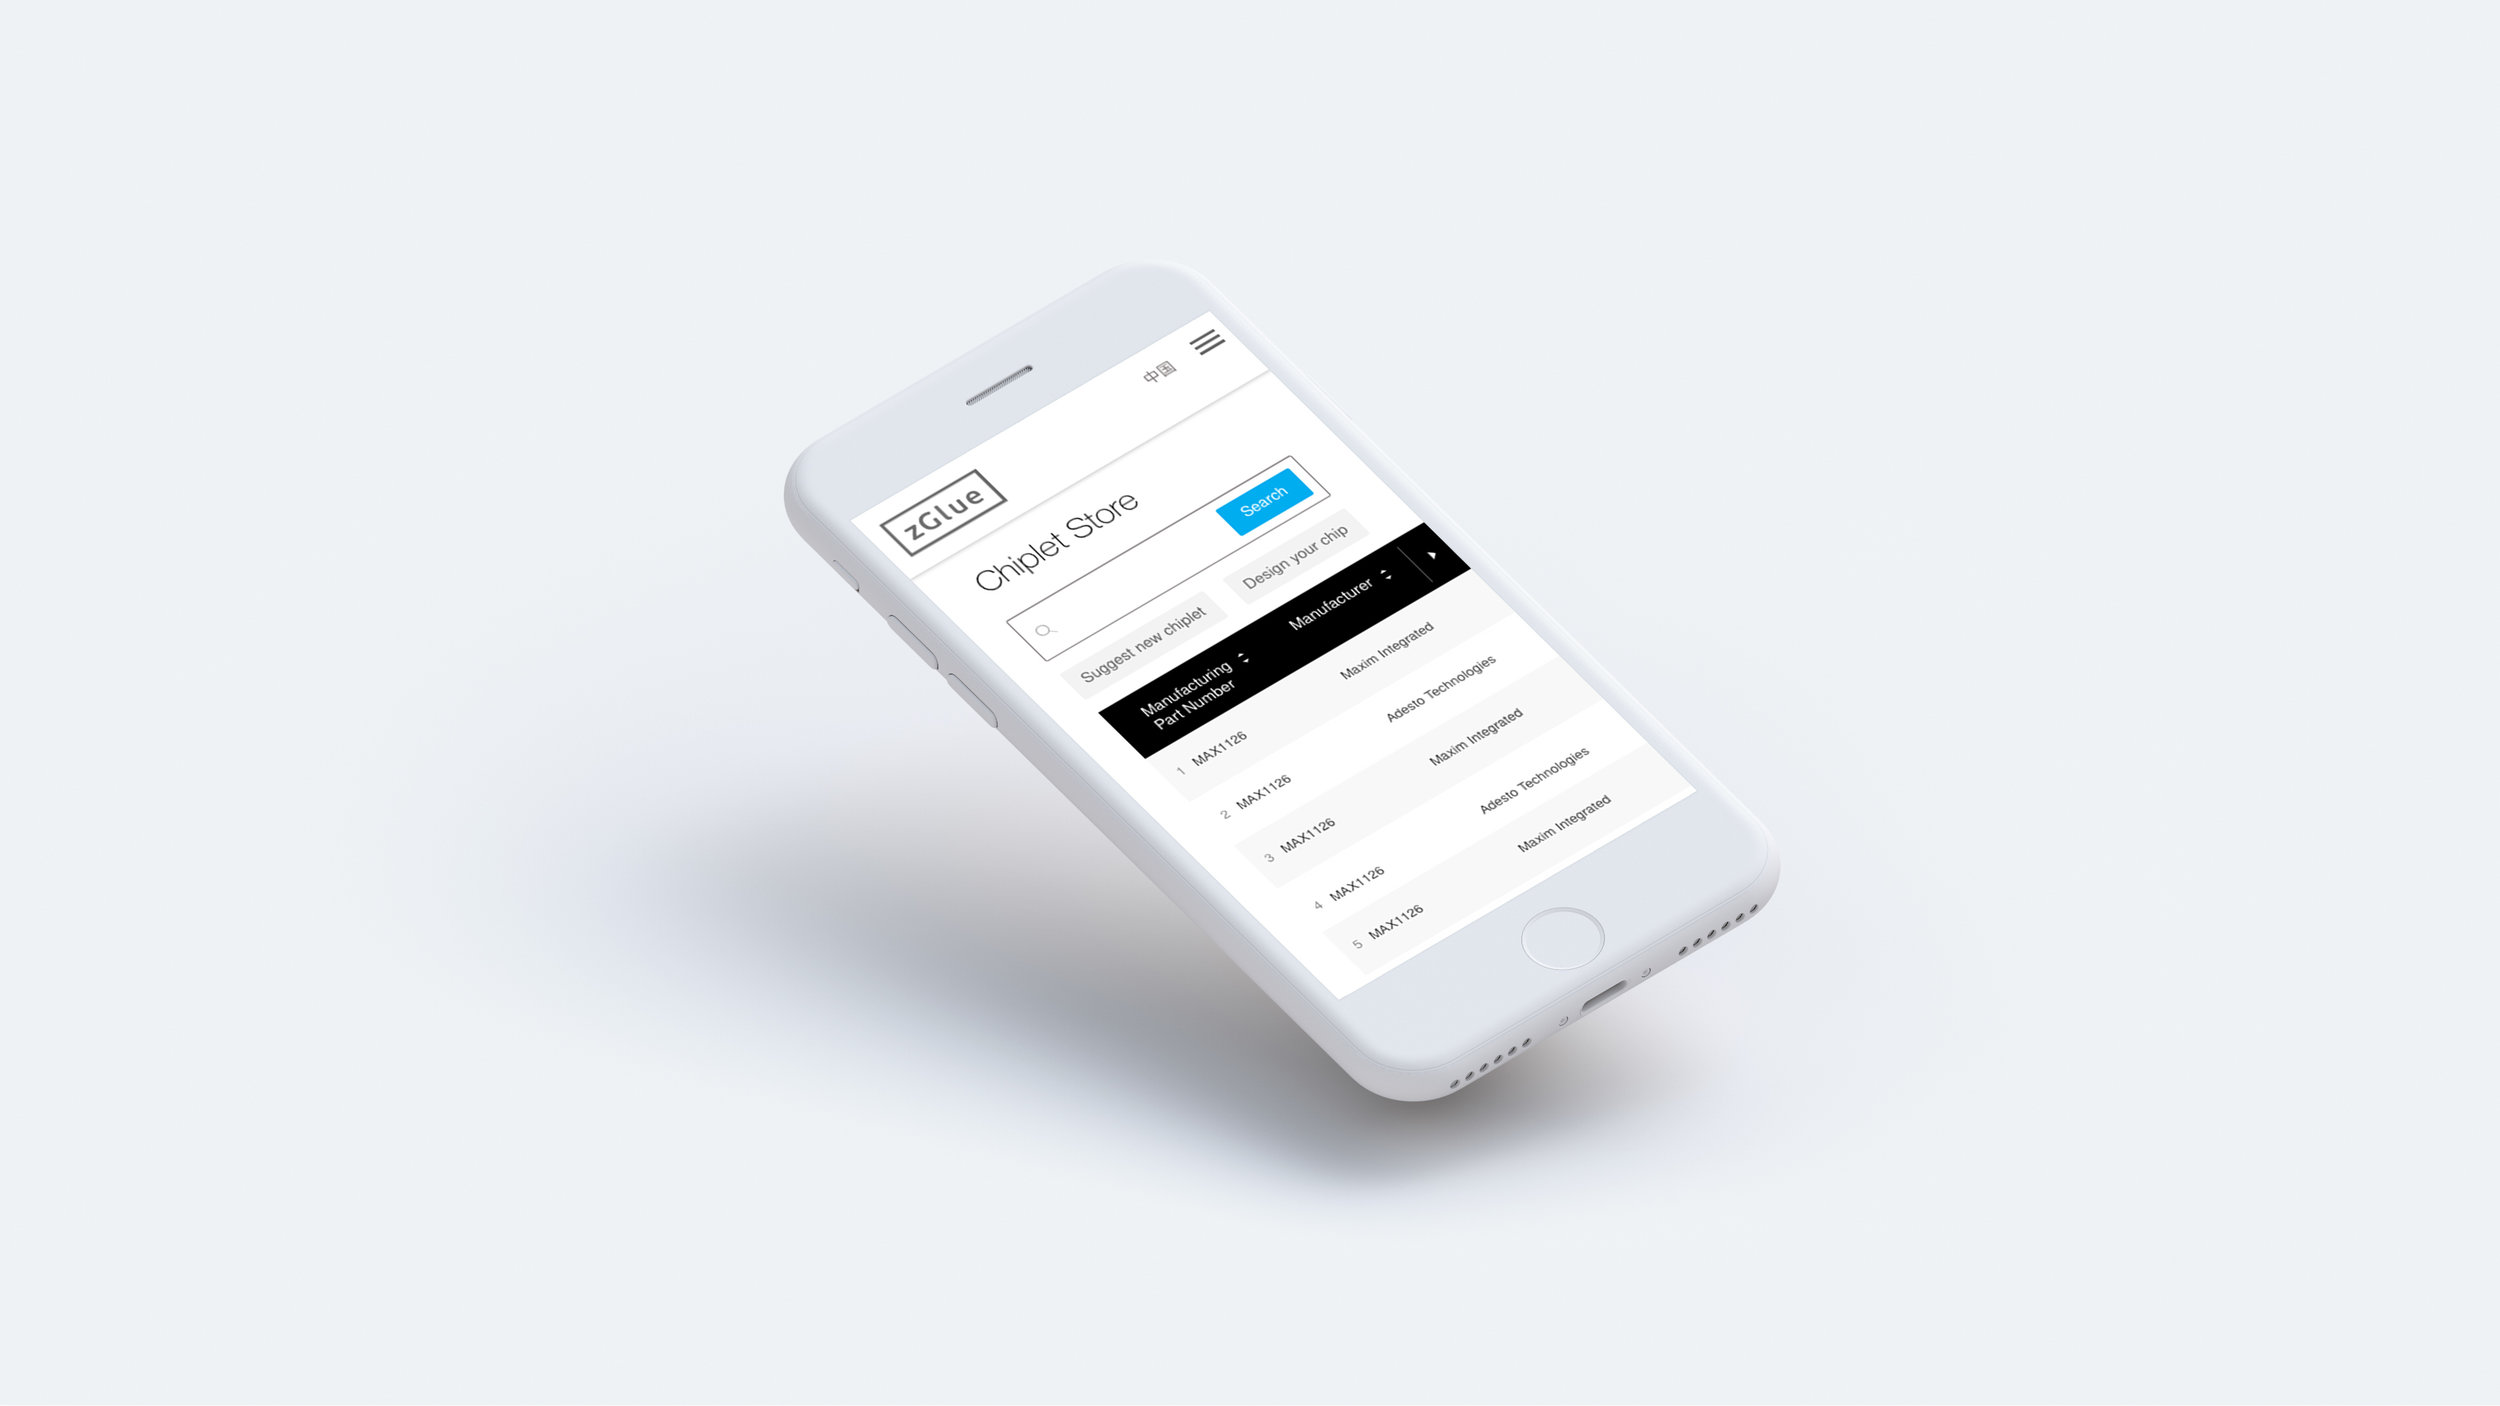 chipletstore-mobile.jpg